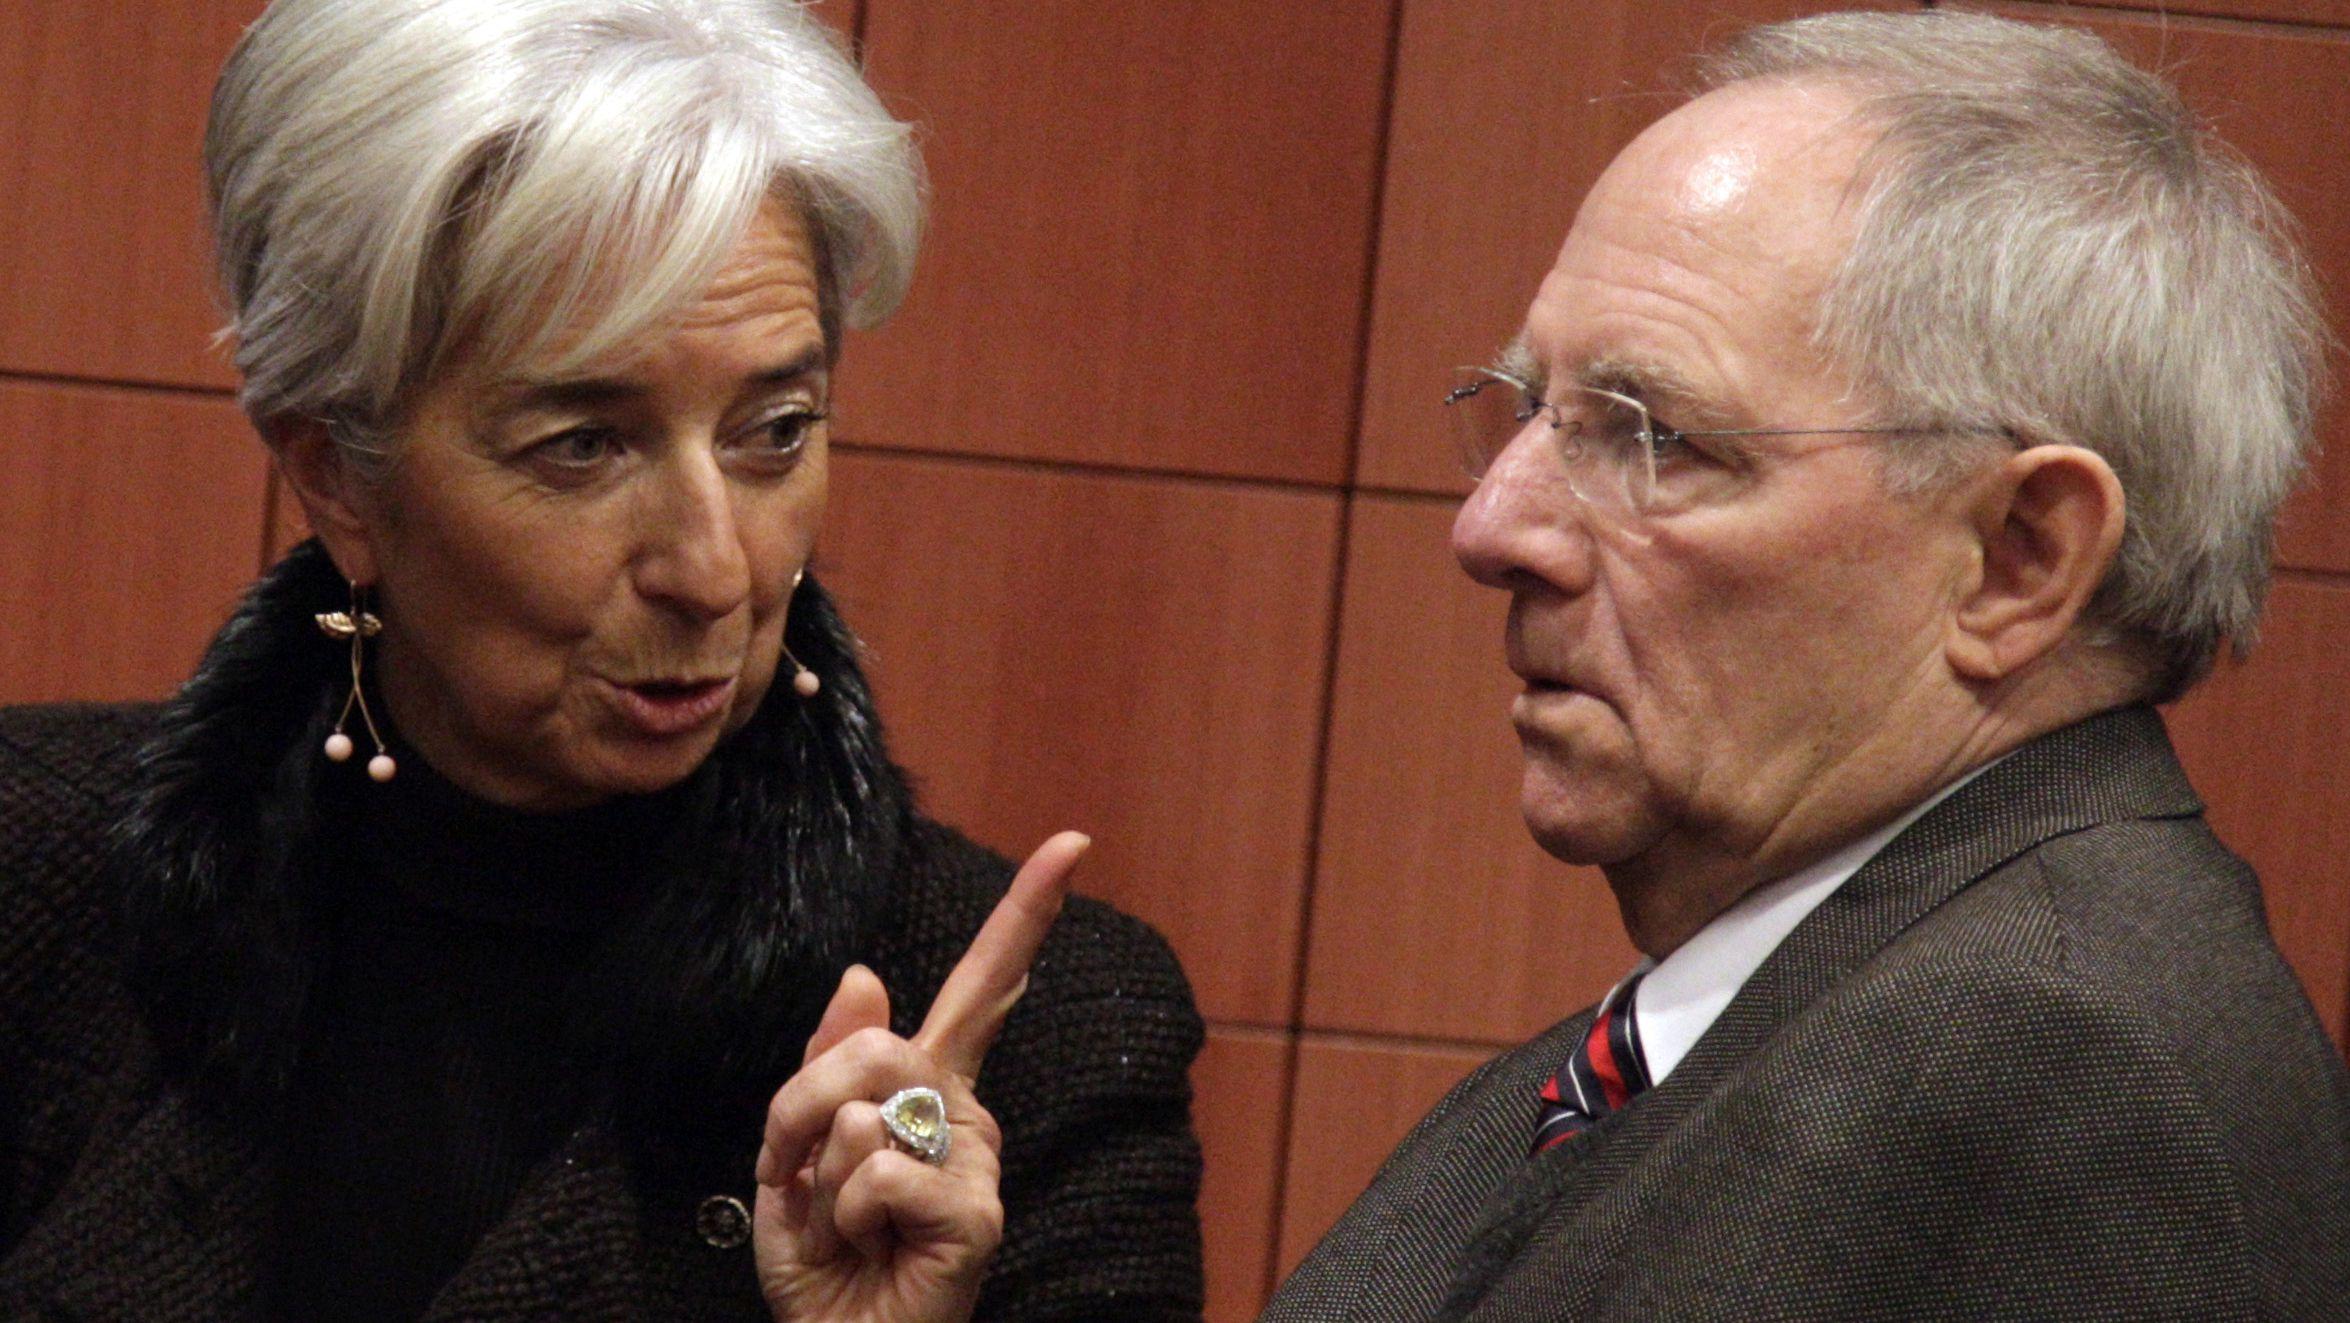 christine-lagarde-directrice-du-fmi-et-wolfgang-schauble-ministre-allemand-des-finances